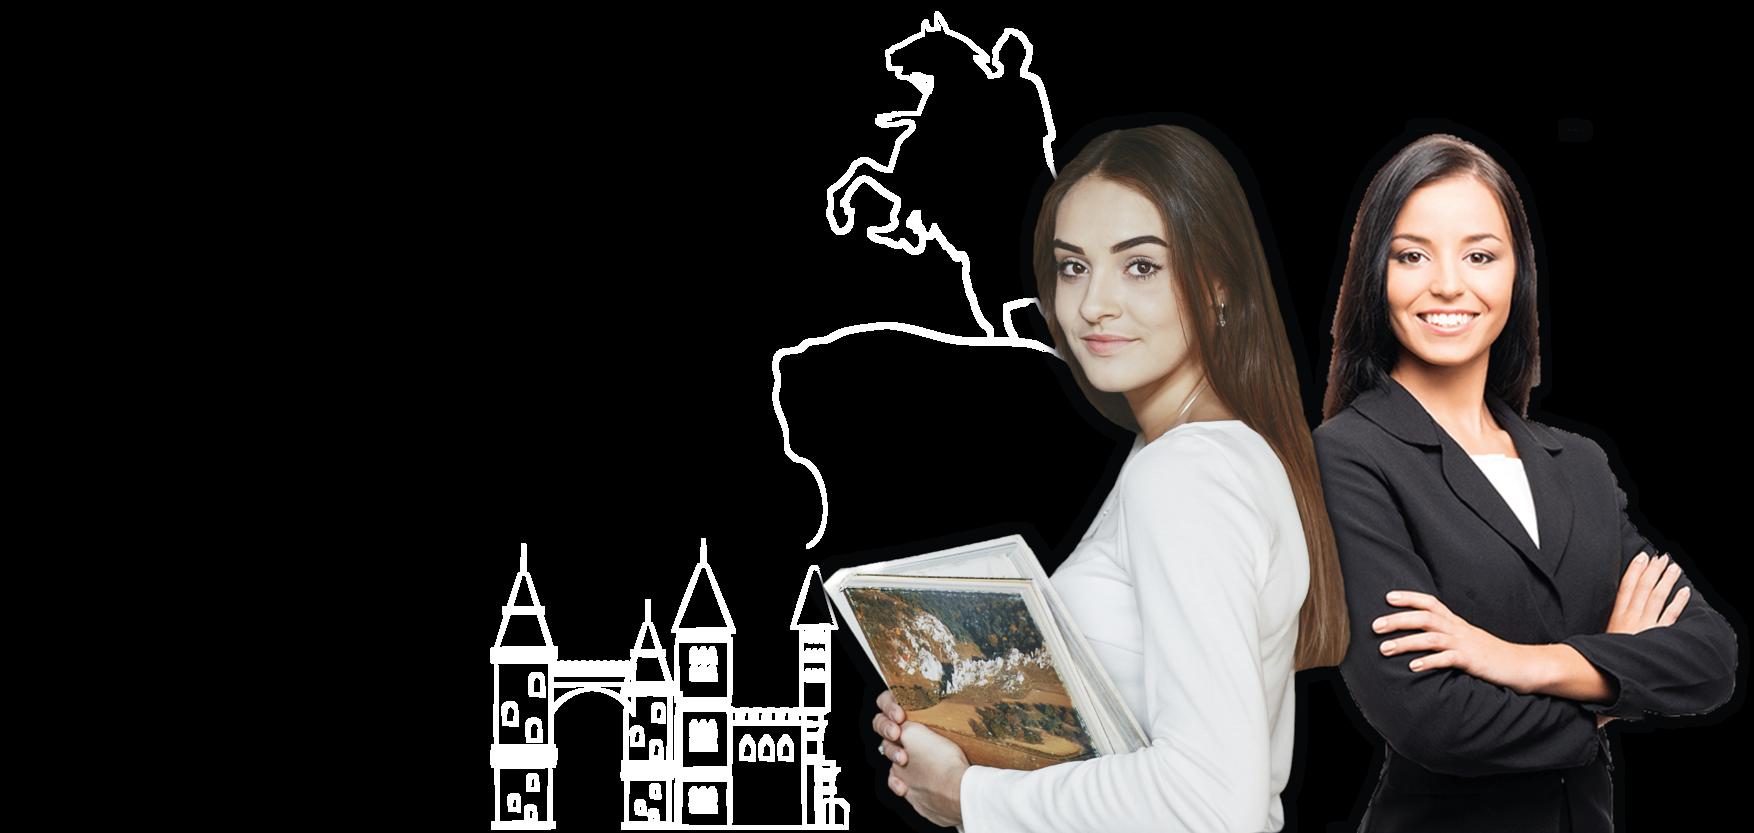 Курсы подготовки к ВПР для 4-11 классов по истории в Санкт-Петербурге